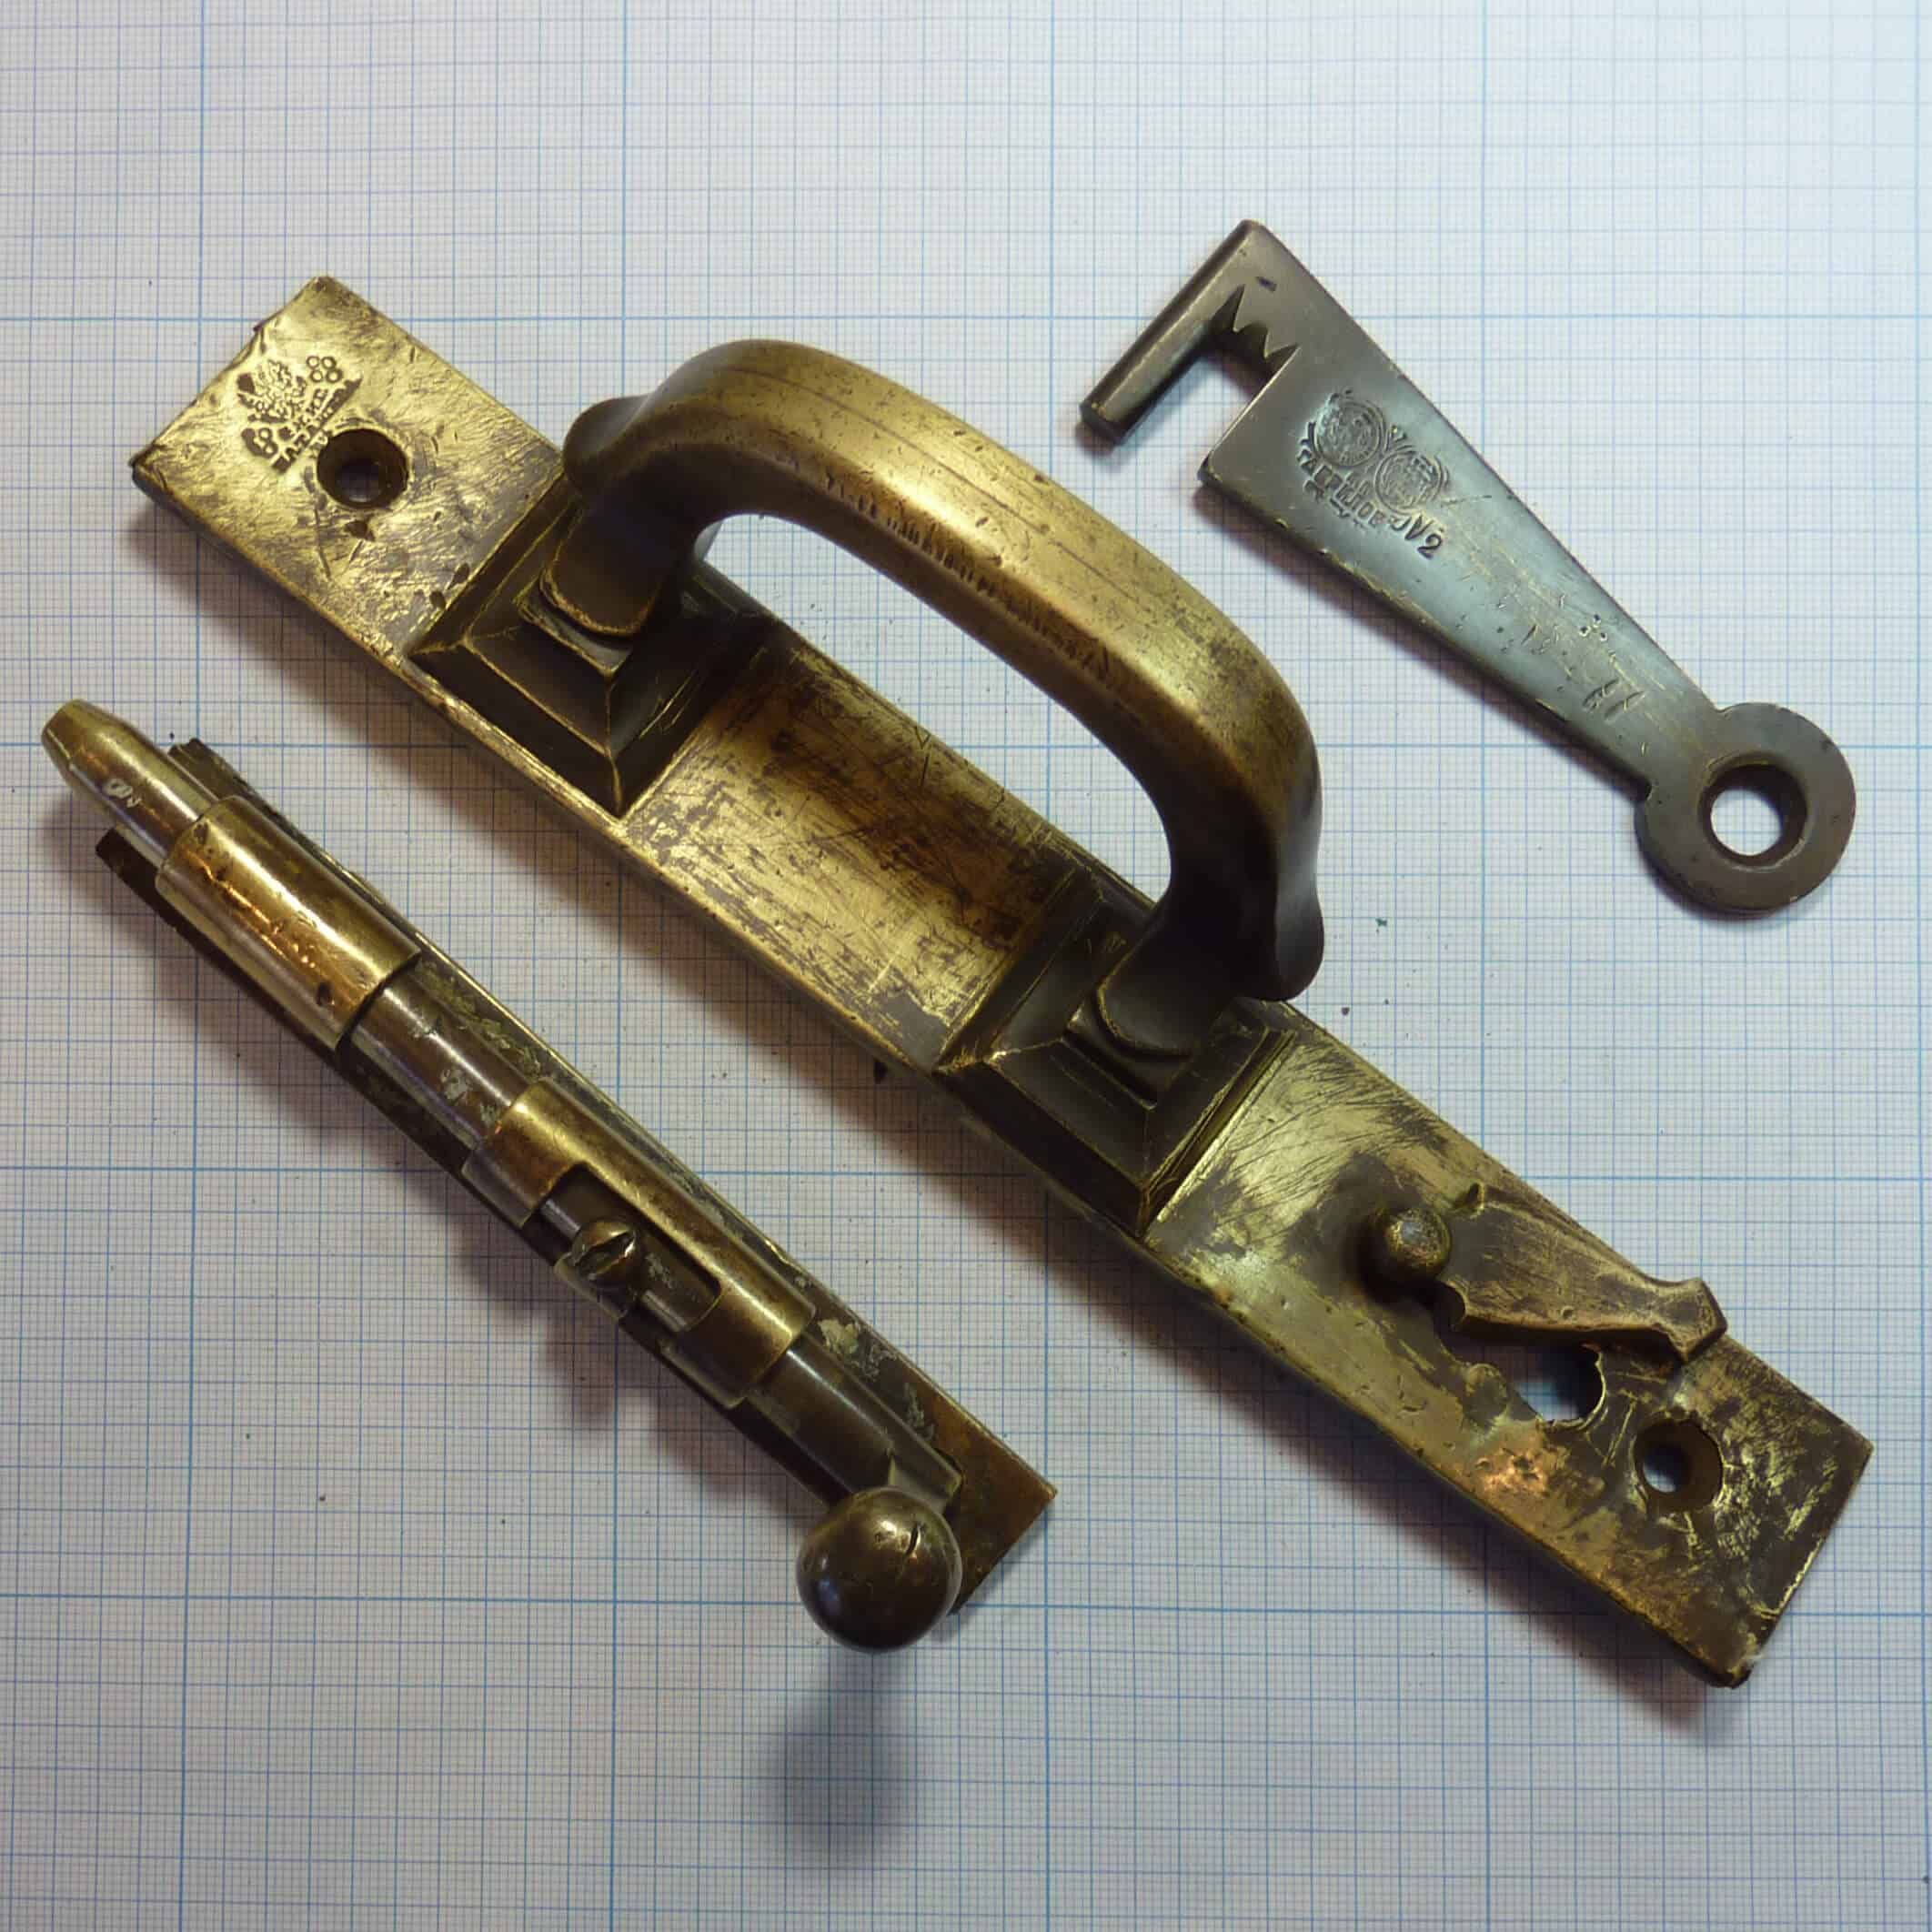 Скобяные изделия ф-ки И. Г. Баташева: щеколда и дверная ручка.